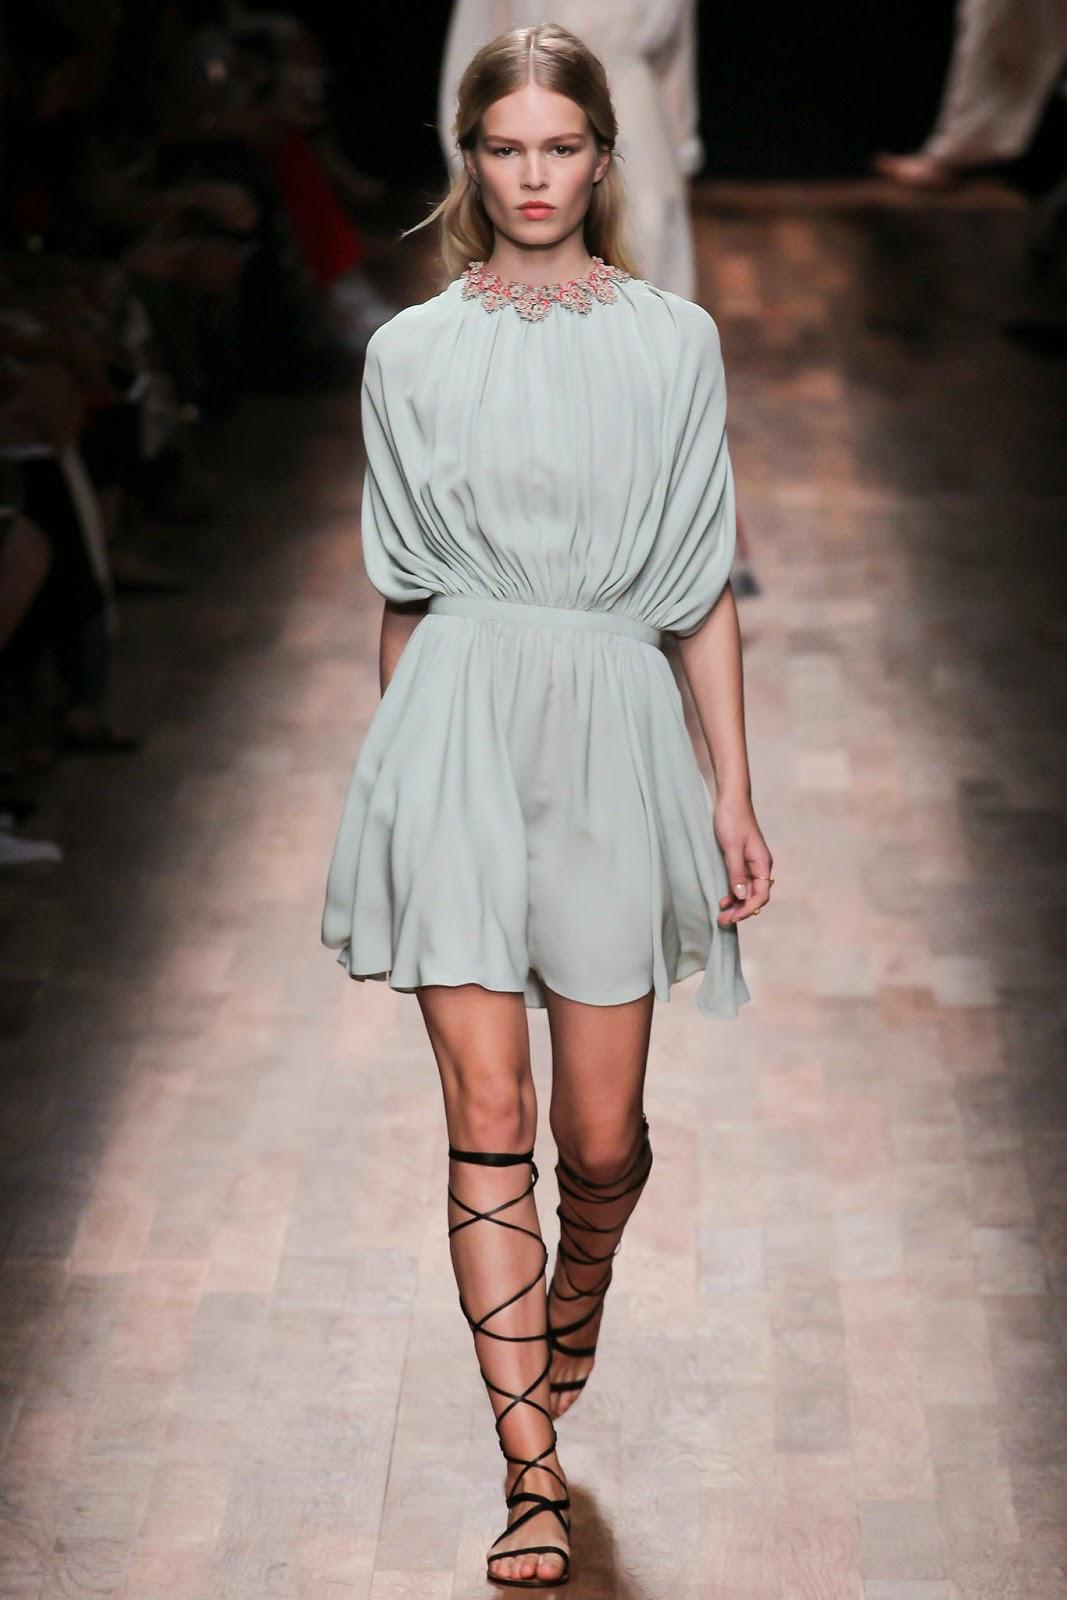 valentino 2015 summer 2016 trend women dress82 Valentino 2015 samling, våren sommaren 2016 Valentino klänning modeller, Valentino kväll klänning nya säsongen kvinnors kjolar modeller